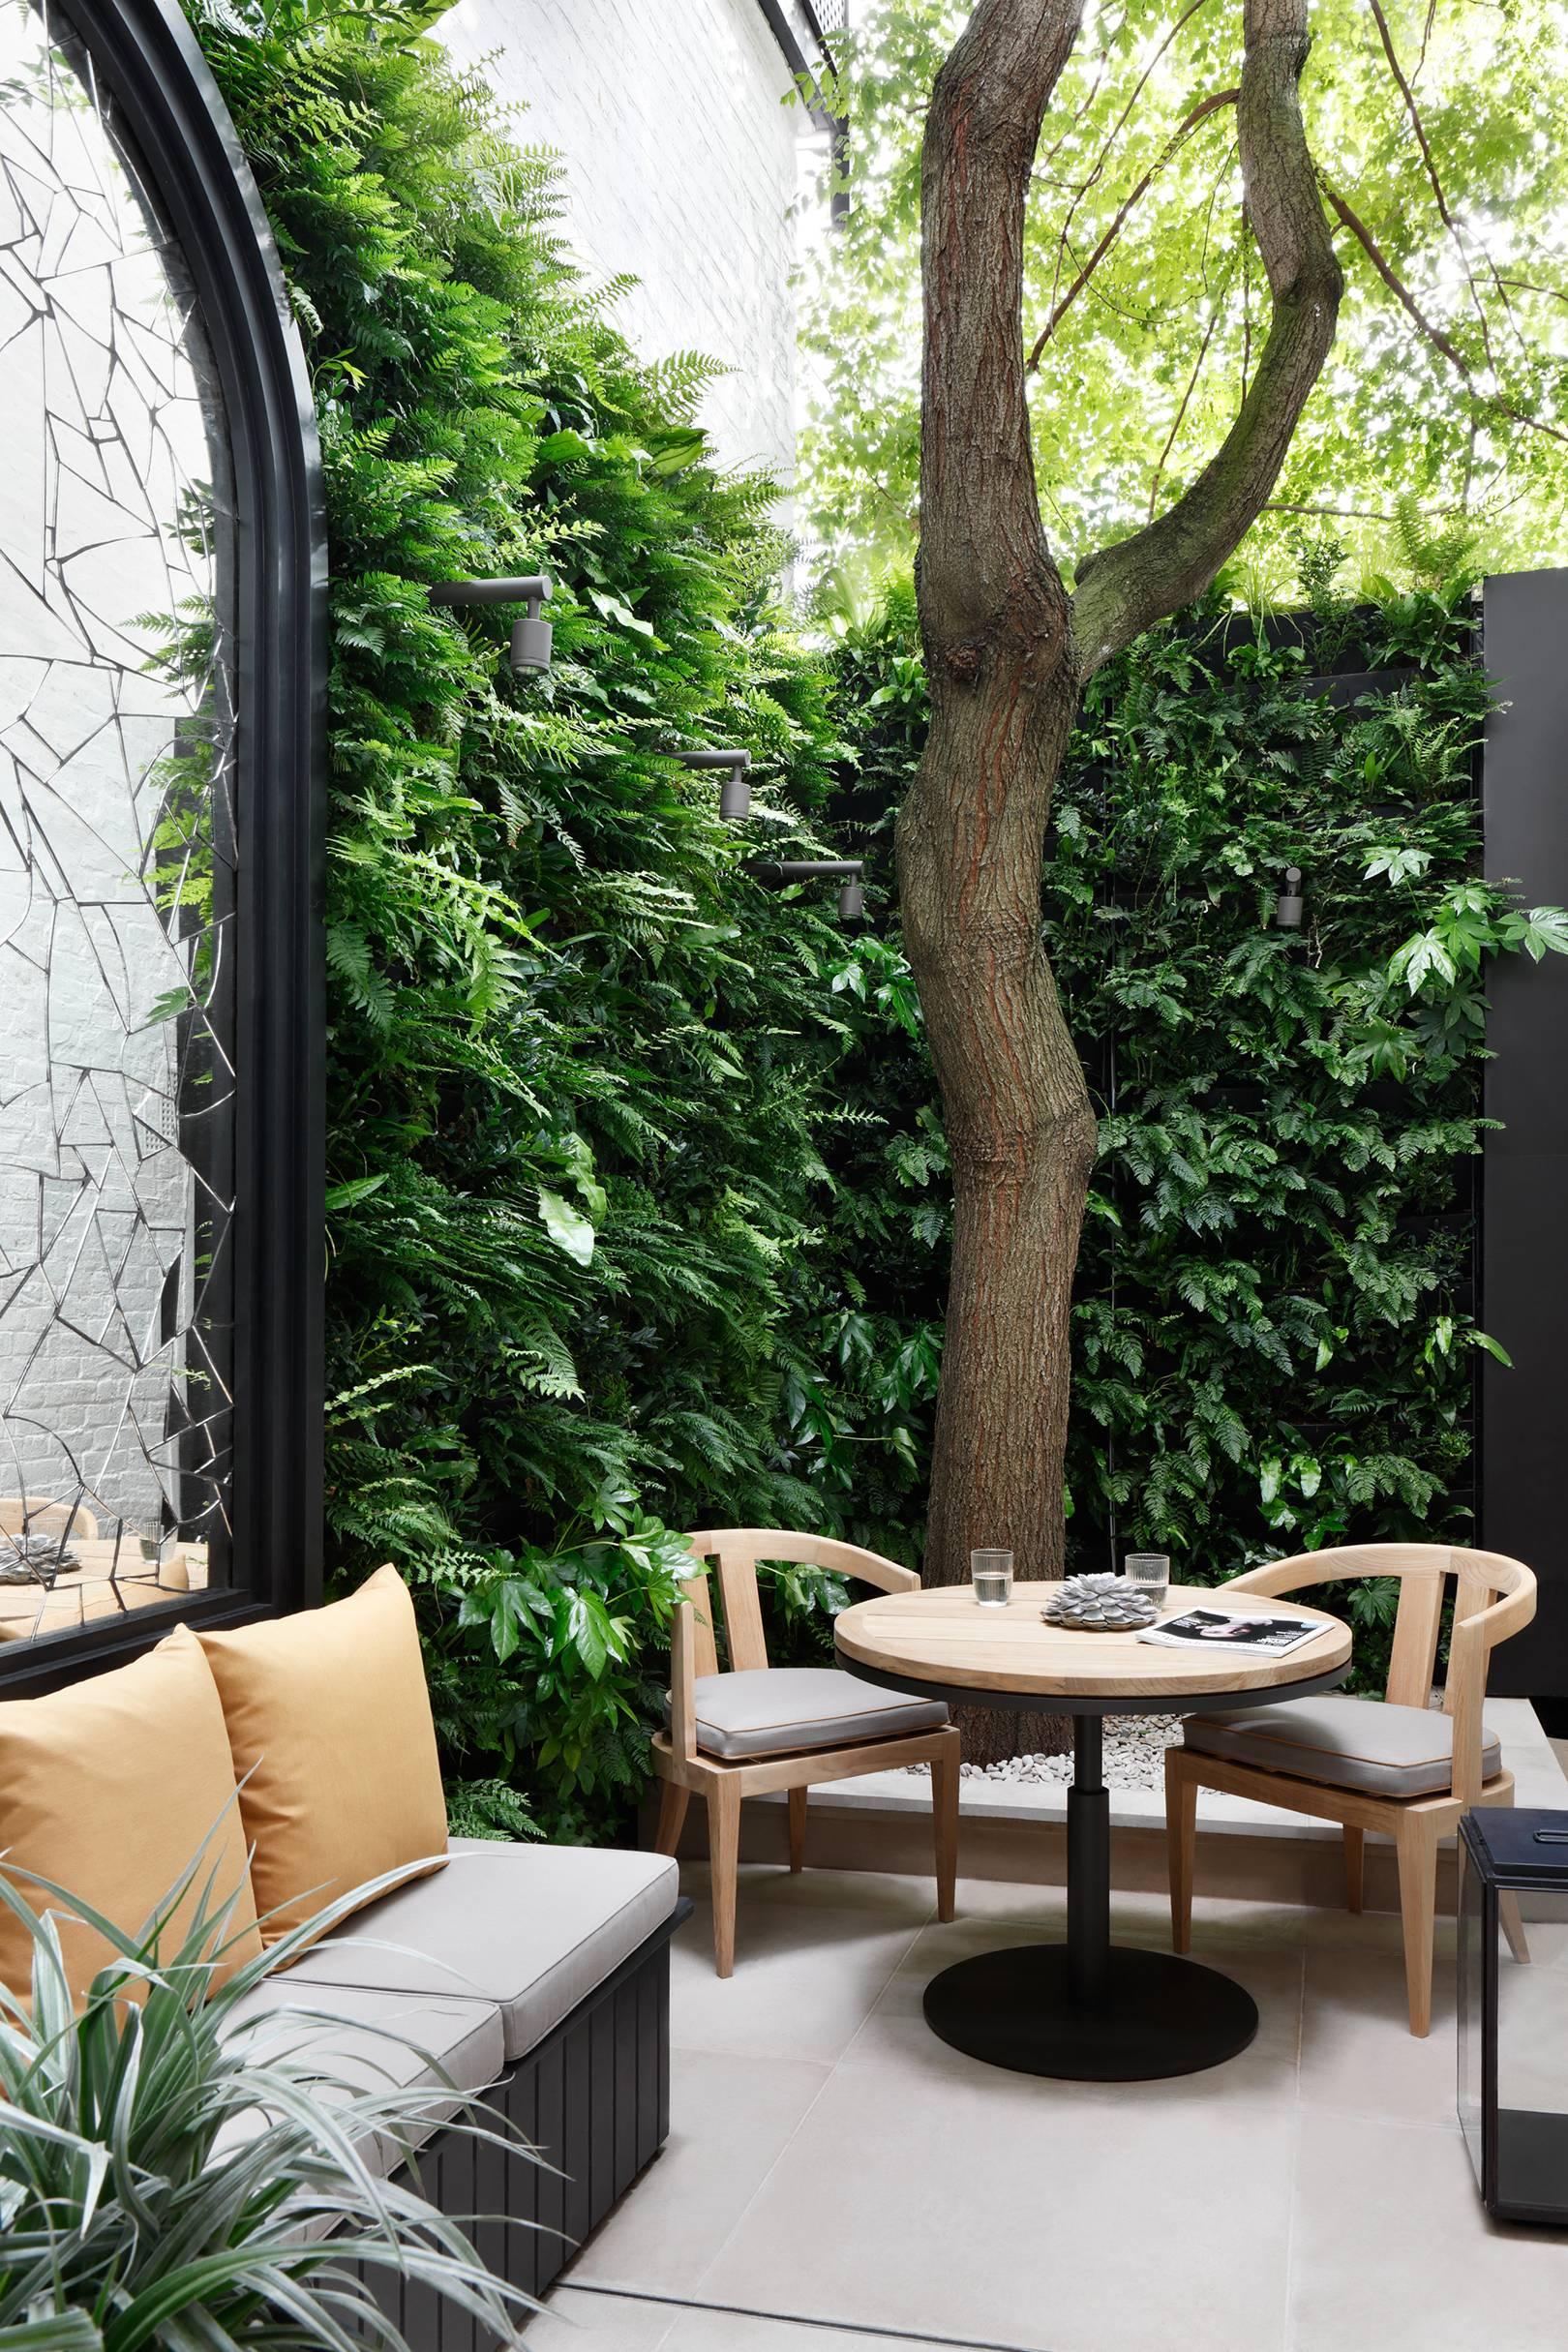 80bb30bcaeb4 Small garden ideas & small garden design | House & Garden